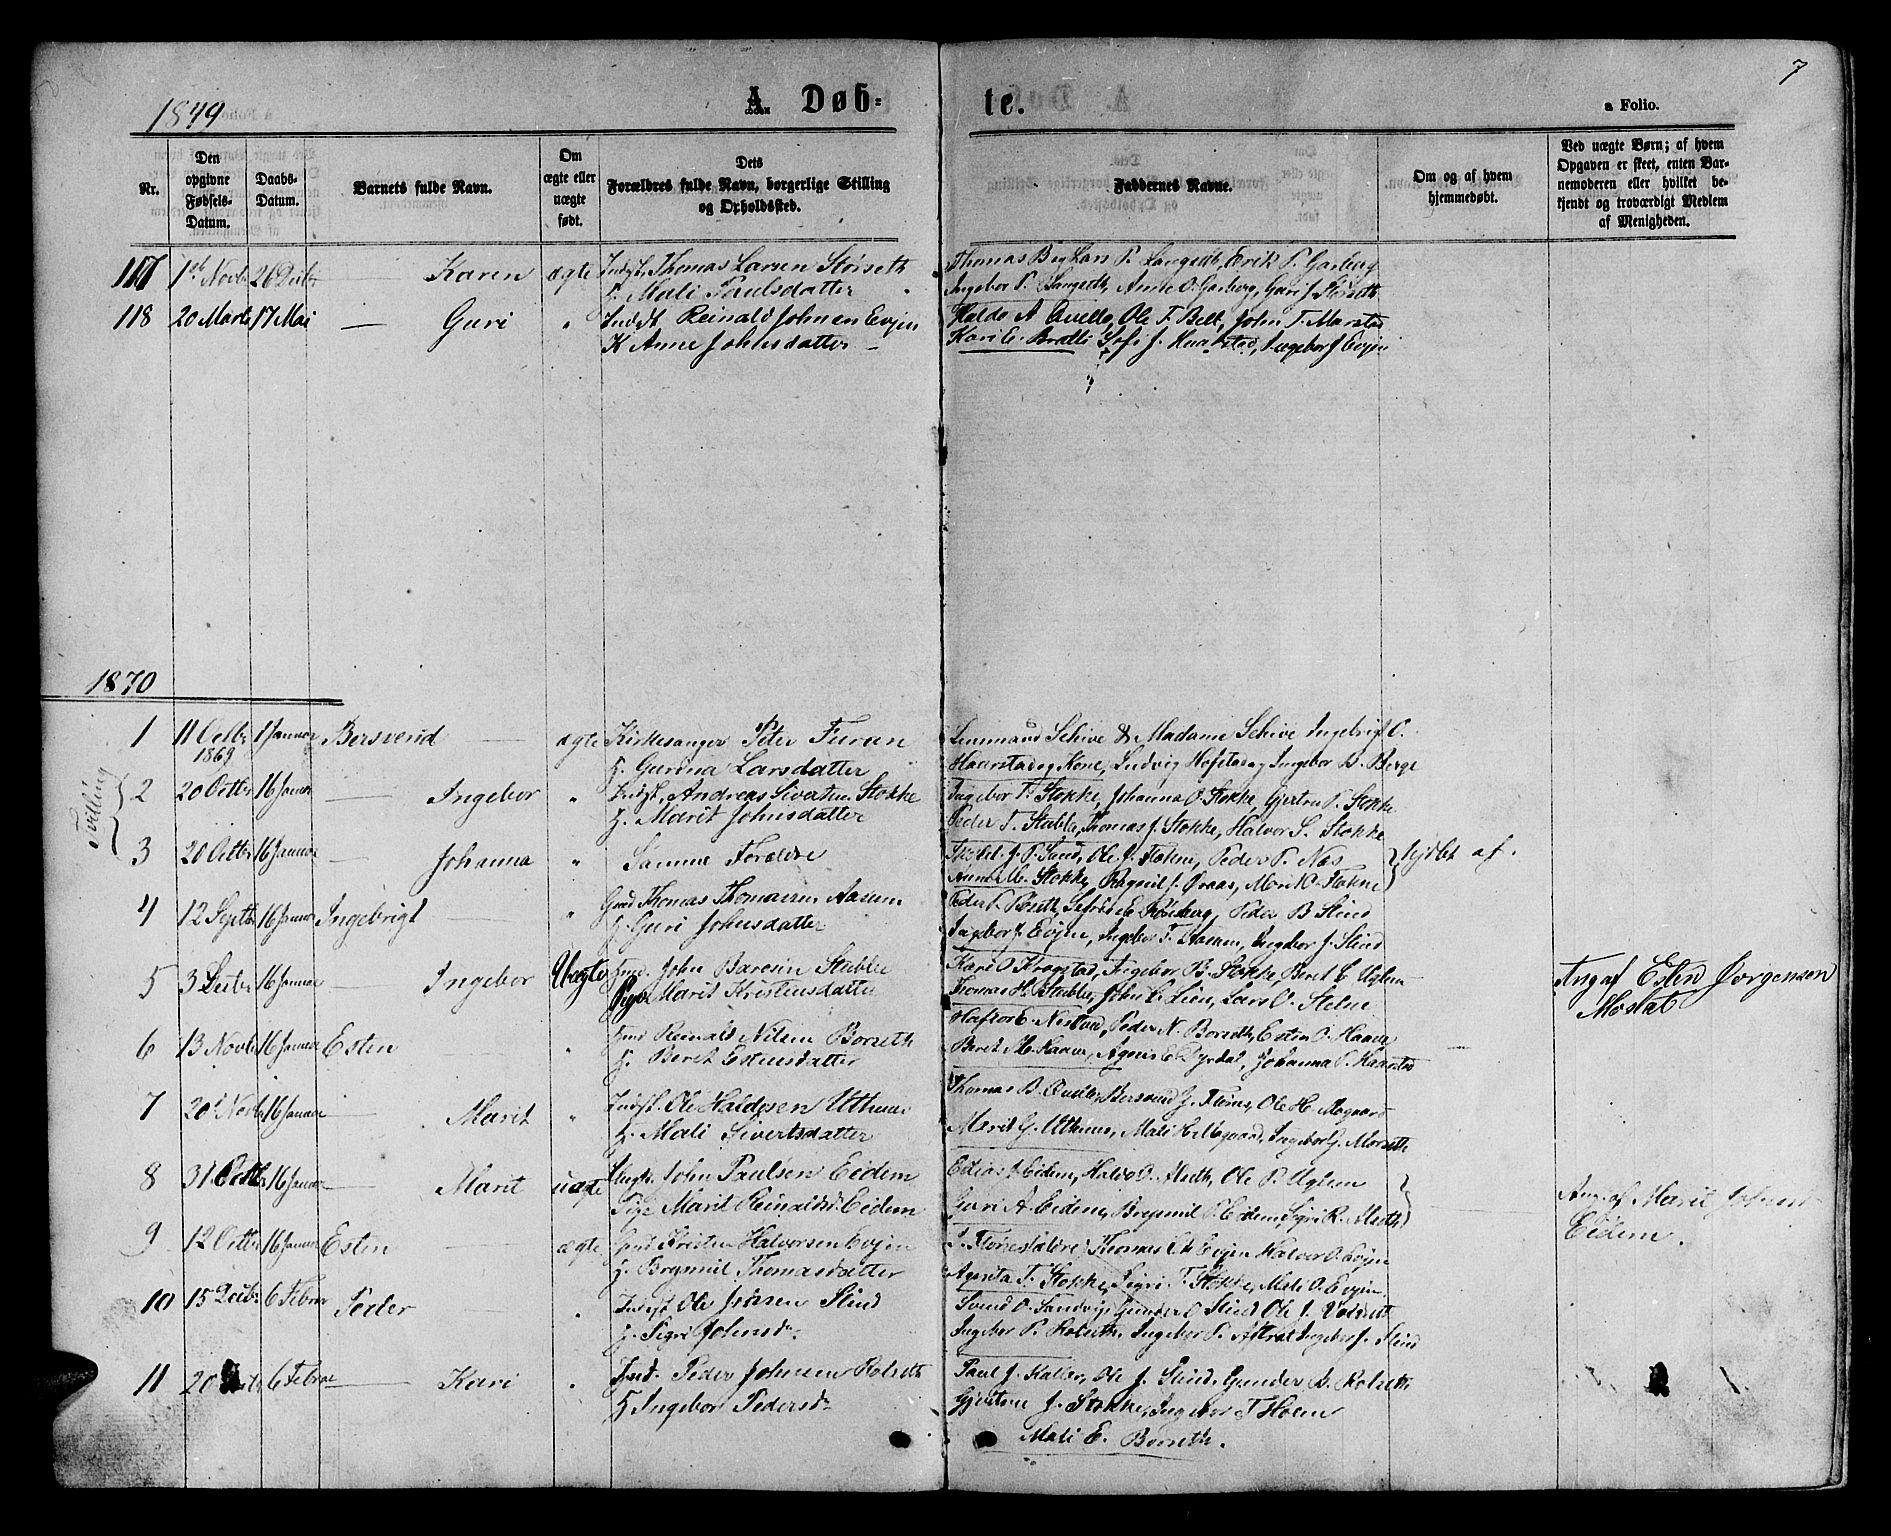 SAT, Ministerialprotokoller, klokkerbøker og fødselsregistre - Sør-Trøndelag, 695/L1156: Klokkerbok nr. 695C07, 1869-1888, s. 7